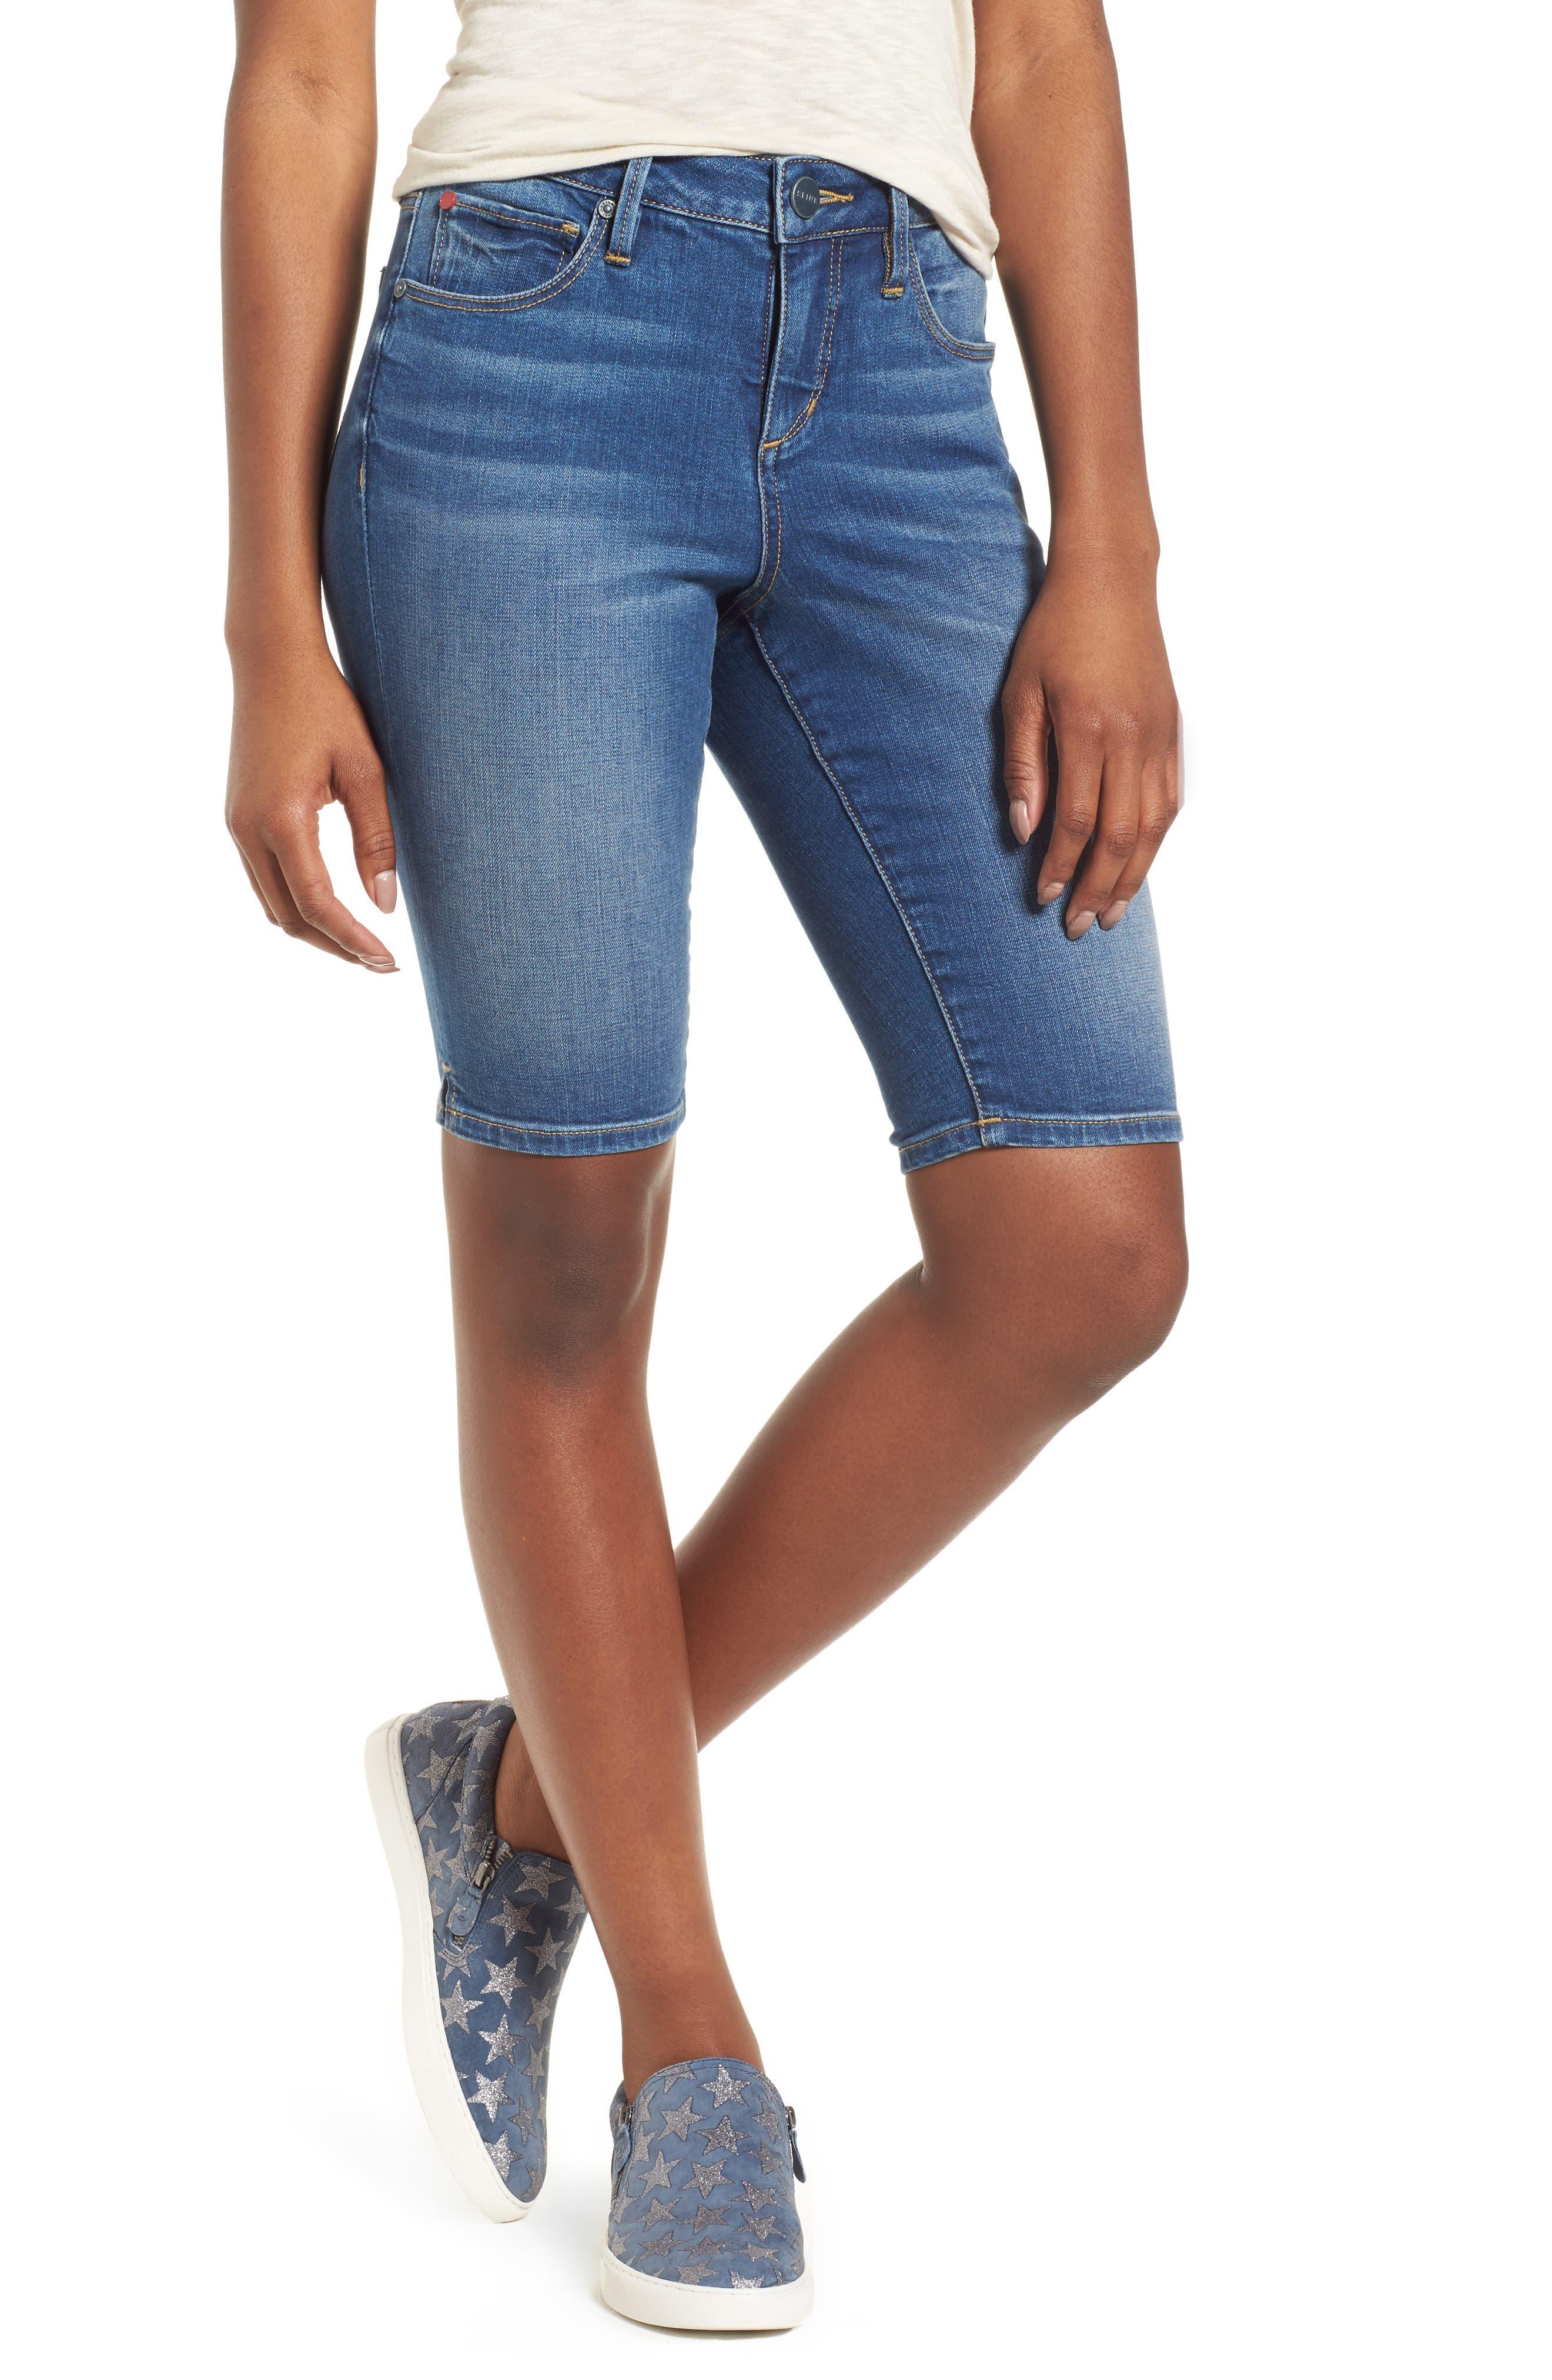 Bermuda Shorts,                             Main thumbnail 1, color,                             Birdy